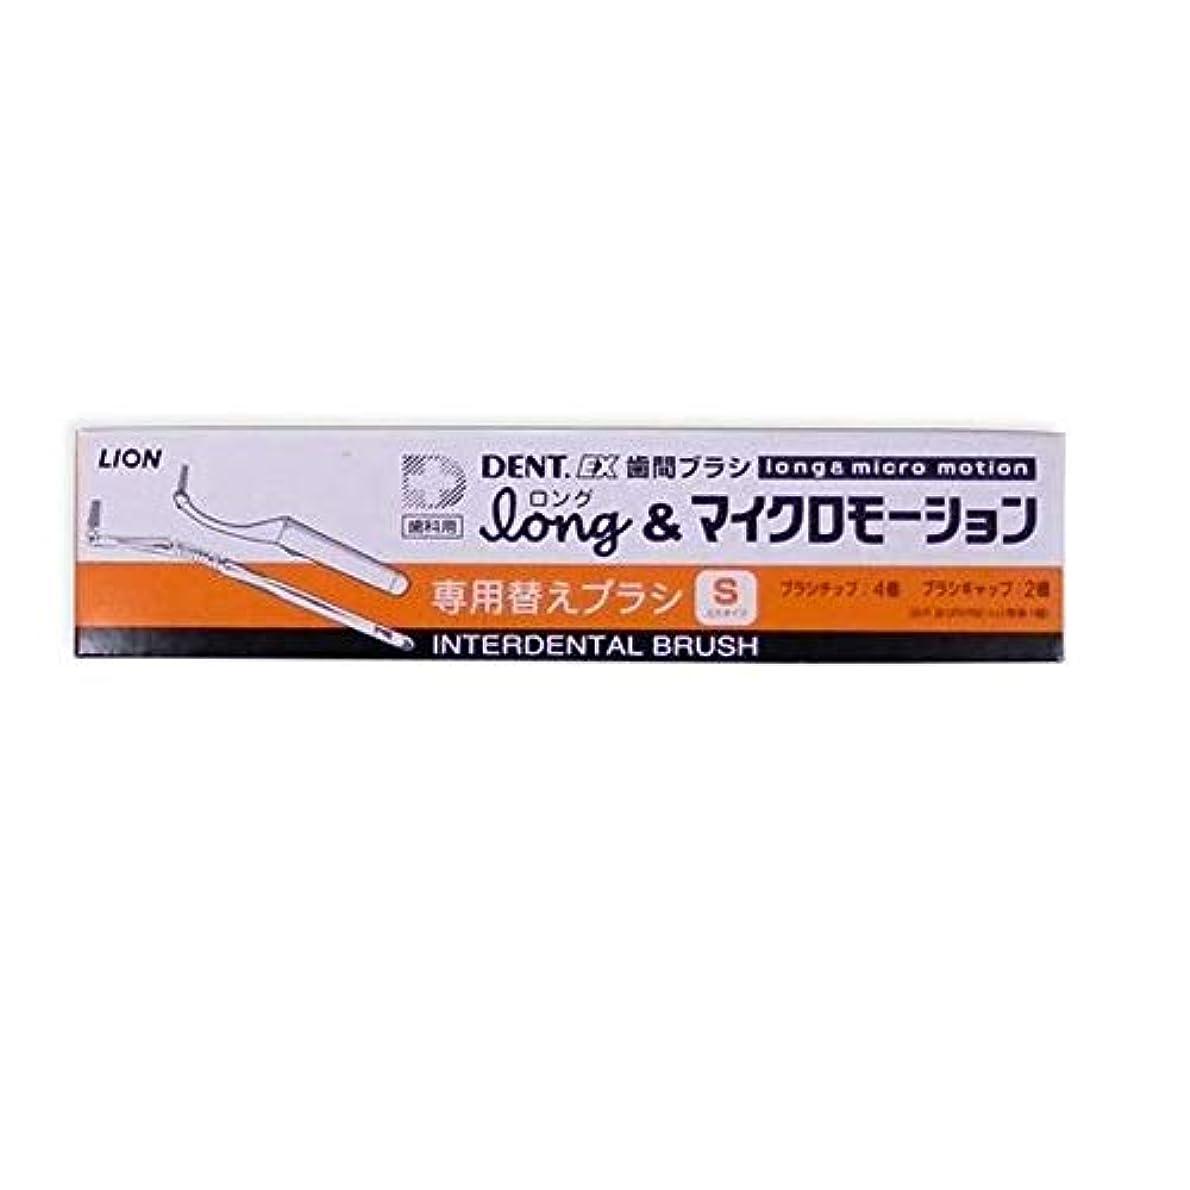 一口命題汚物ライオン DENT . EX 歯間ブラシ long ロング & マイクロモーション 専用 替えブラシ 4本入 × 10個 S